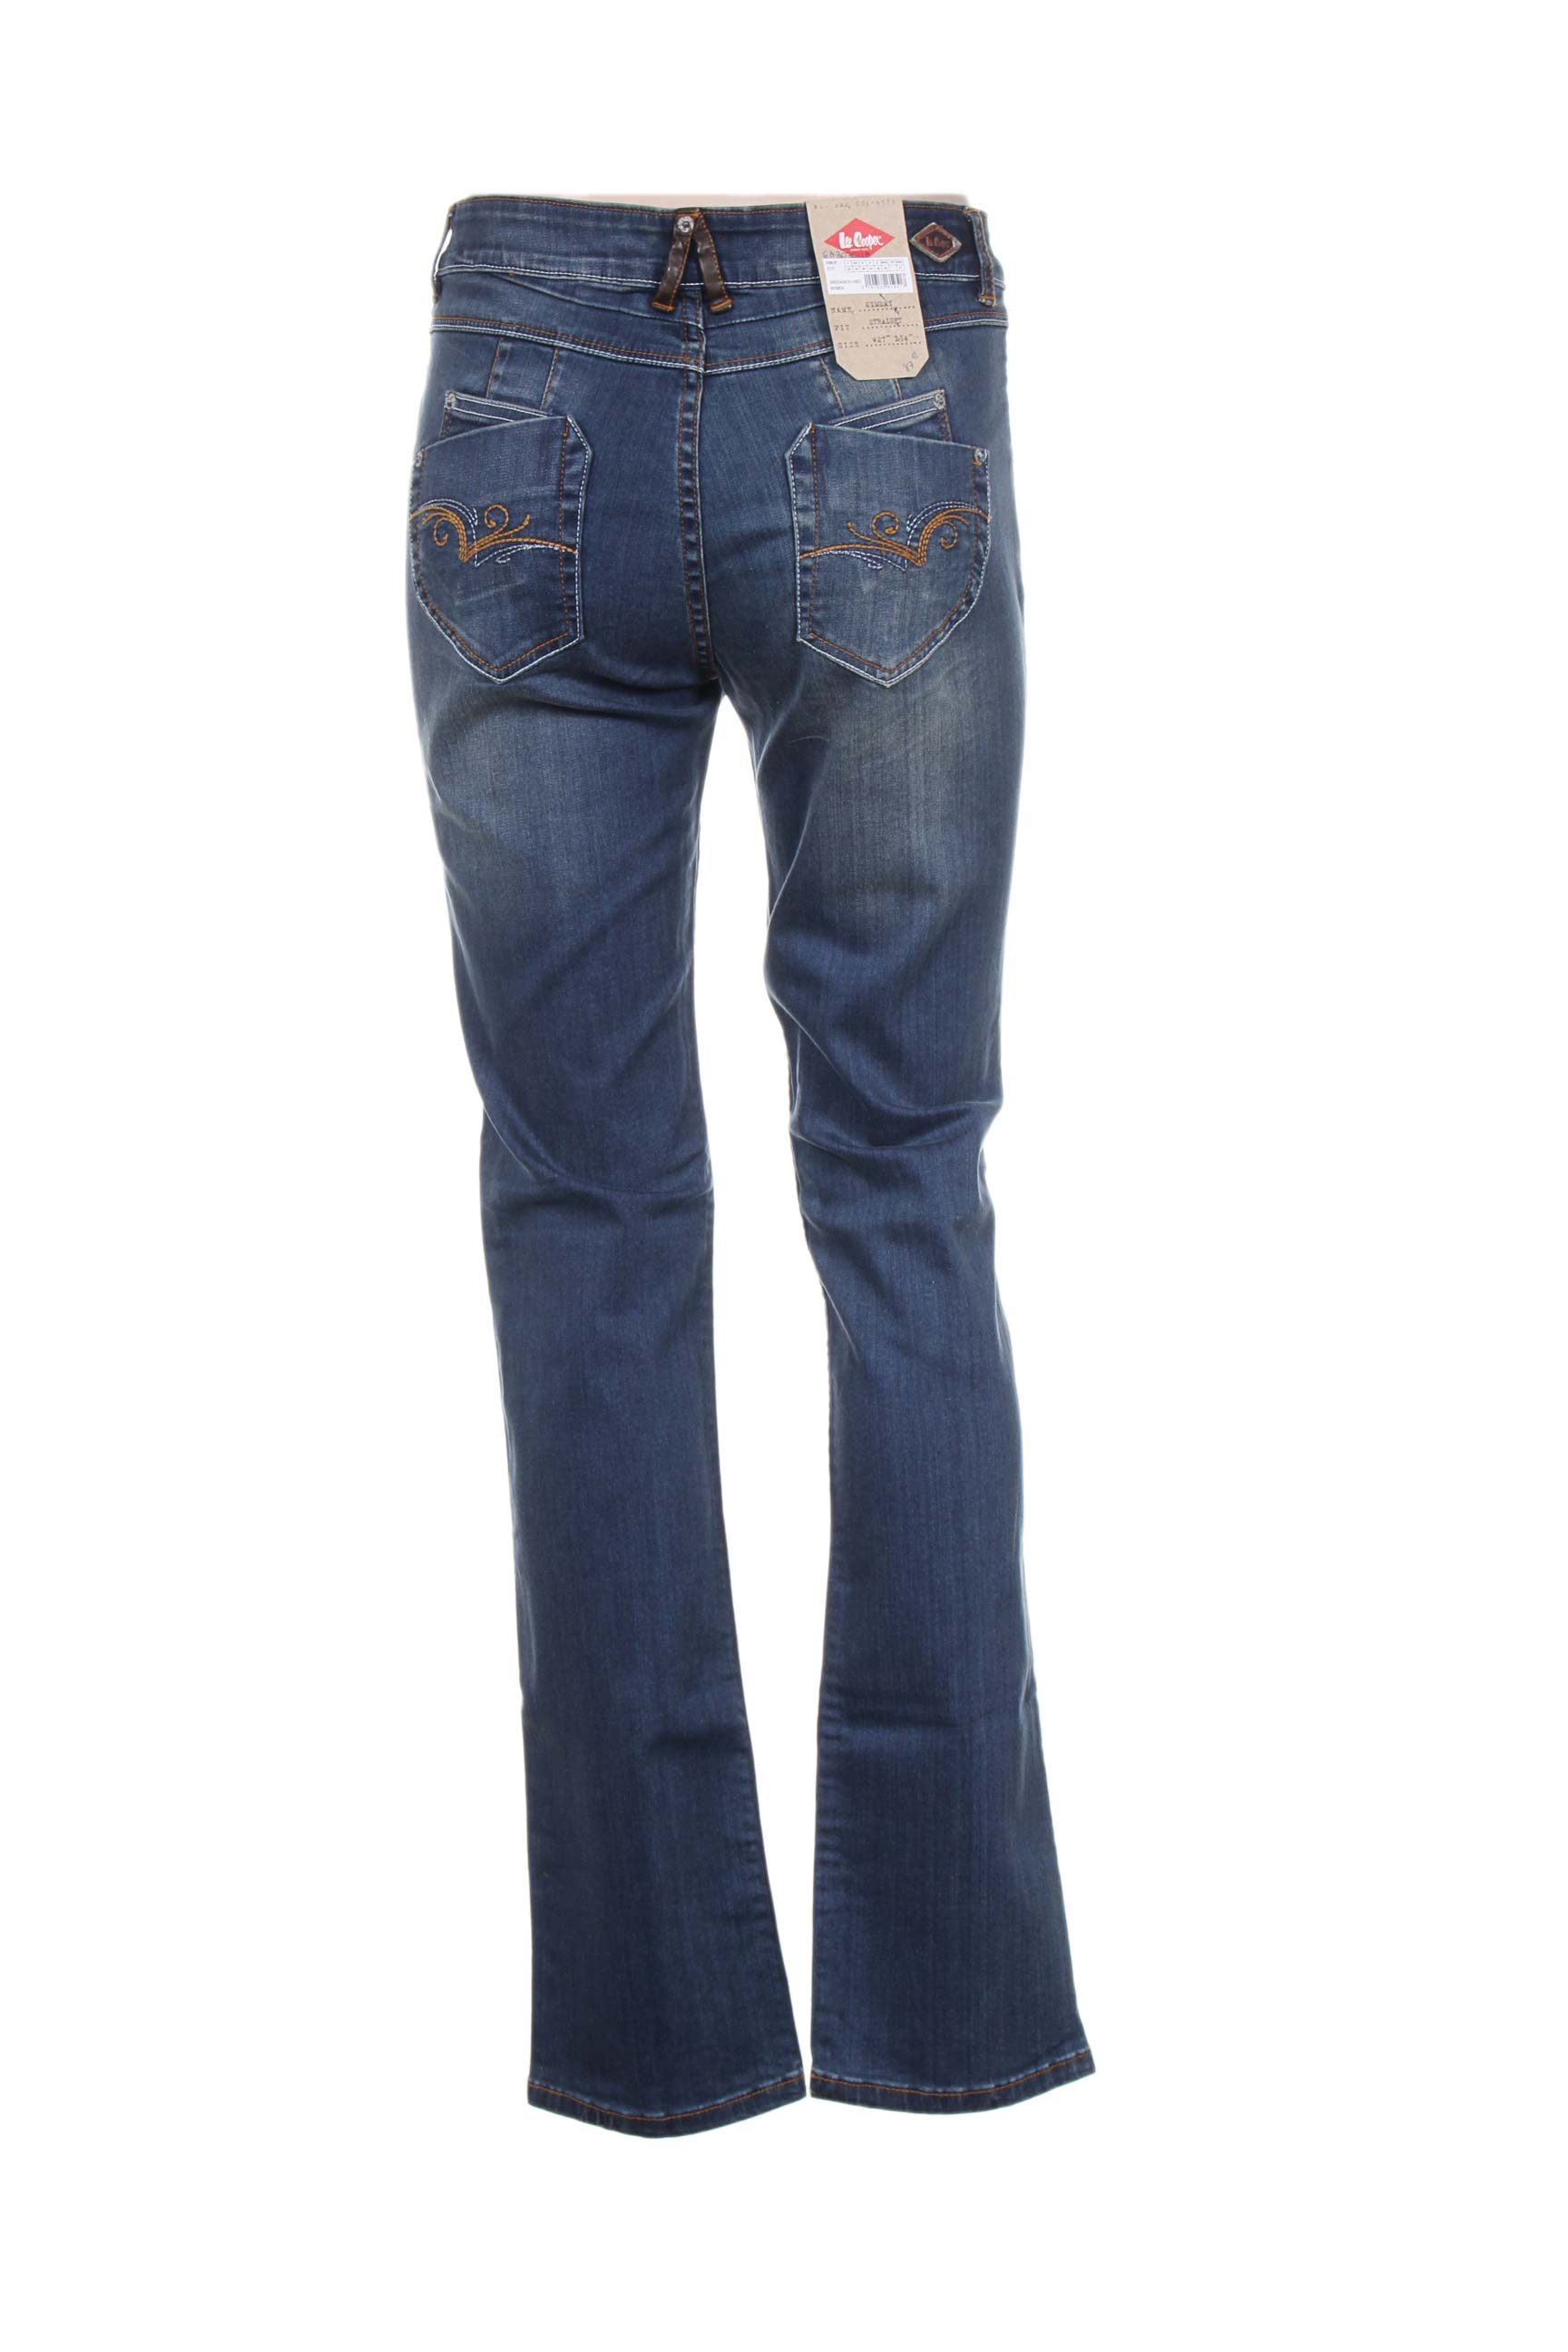 Lee Cooper Jeans Coupe Droite Femme De Couleur Bleu En Soldes Pas Cher 1200796-bleu00 - Modz